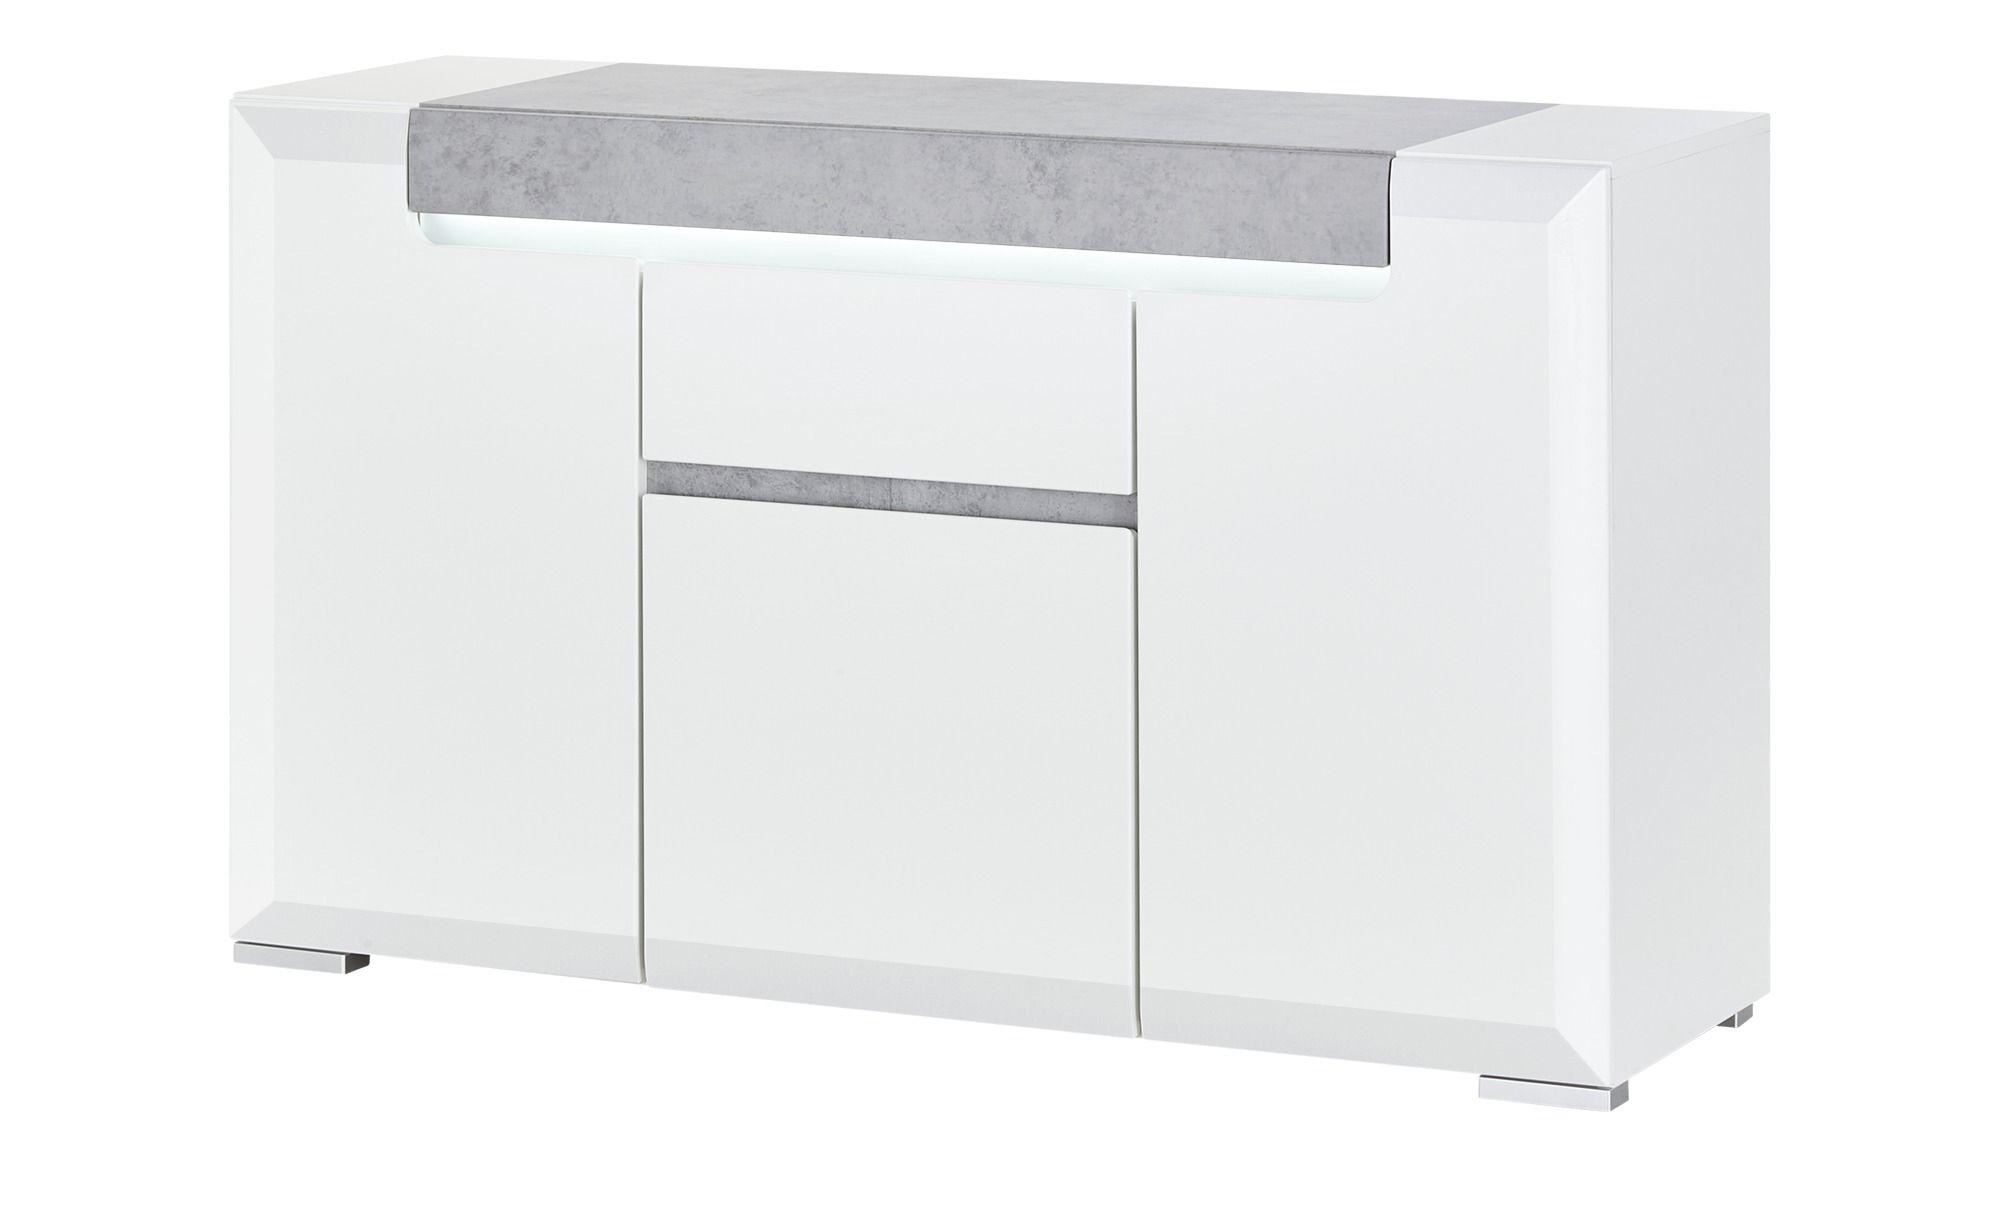 Sideboard Puro Breite 140 cm Höhe 84 cm weiß online